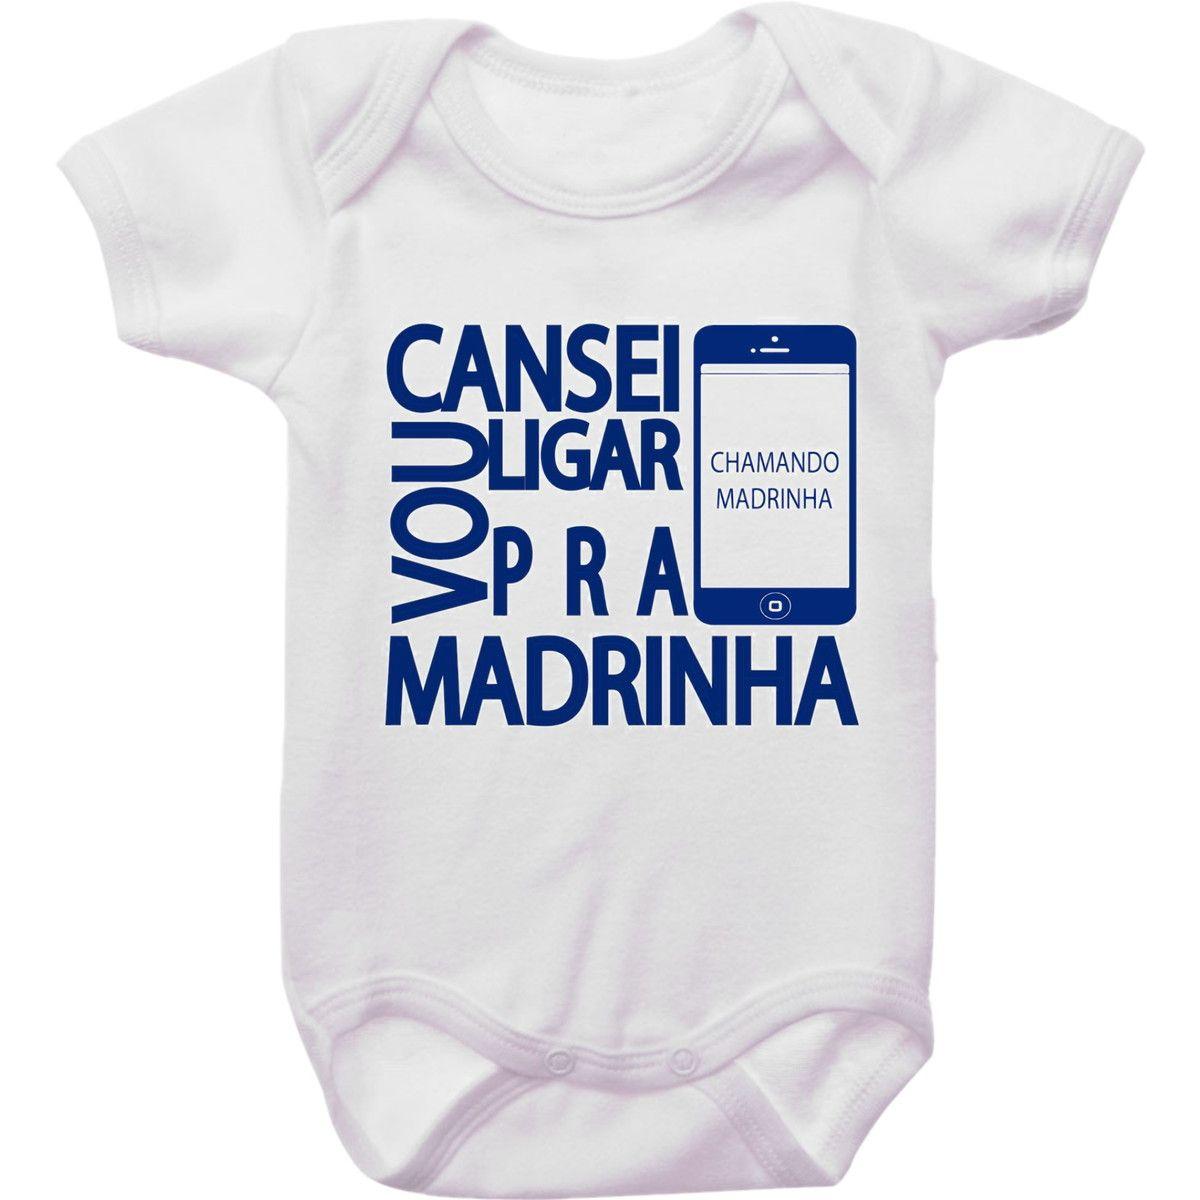 Body Vou Ligar Pra Madrinha Madrinhas Roupas De Bebe Personalizadas Camisetas Engracadas